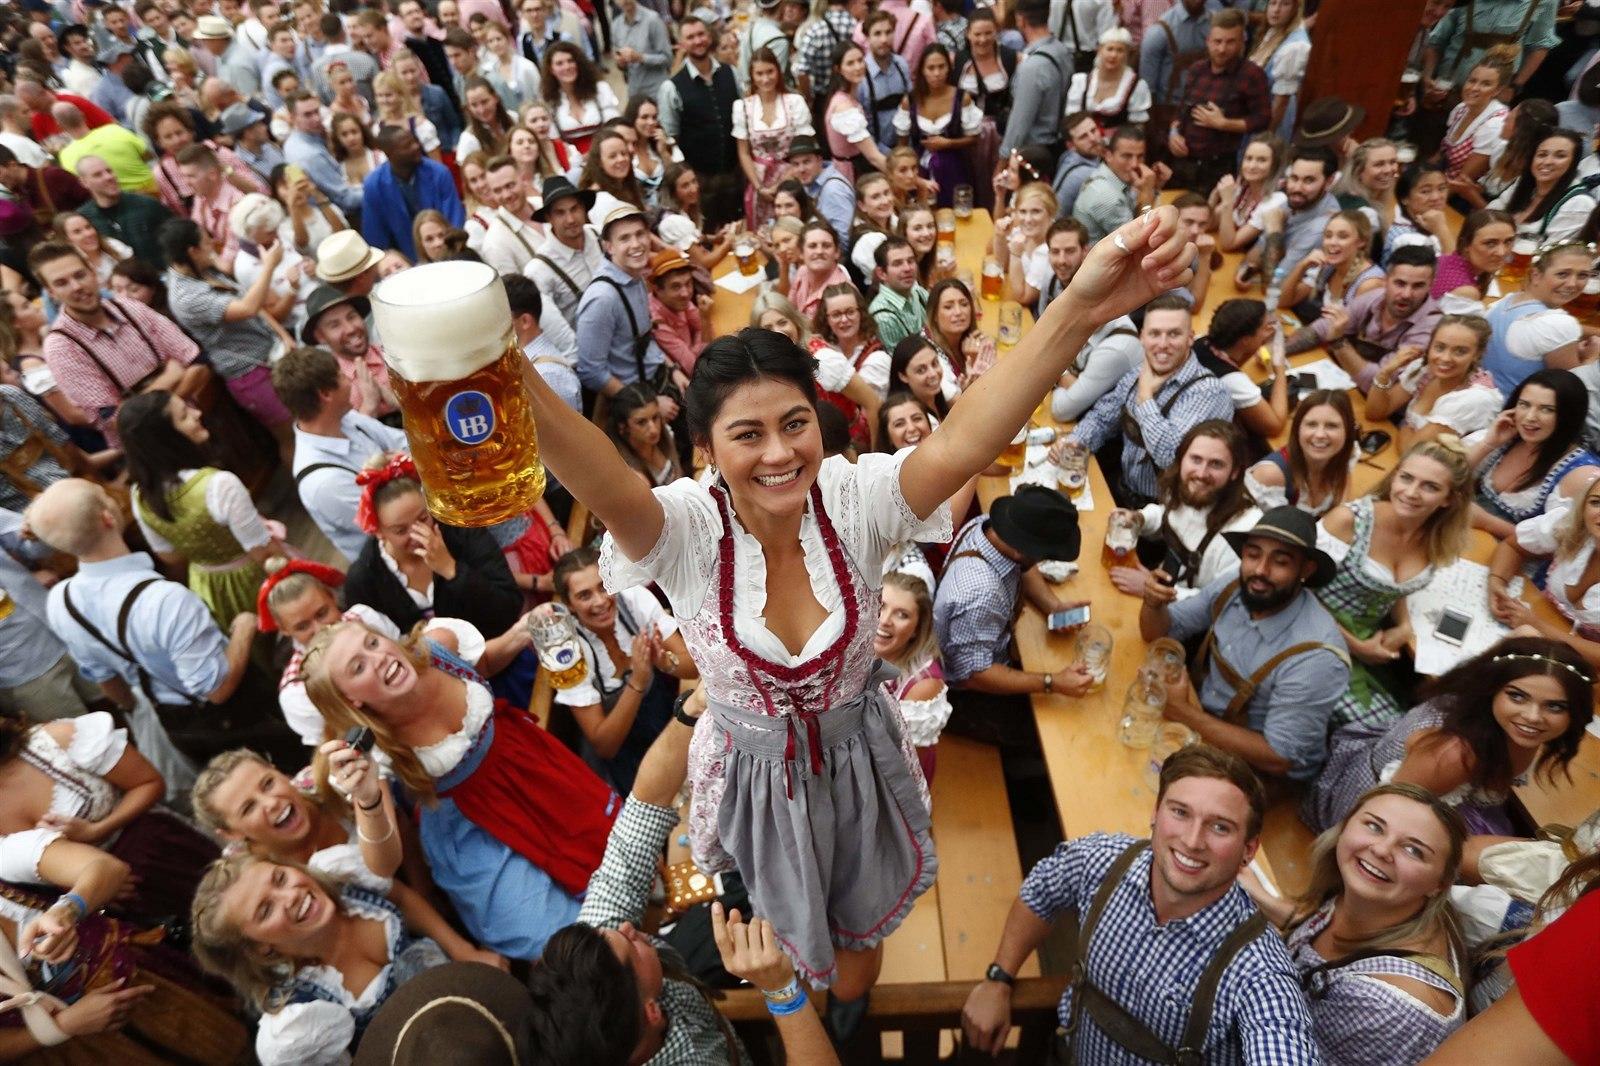 Na Oktoberfestu se vypilo přes 7 milionů litrů piva, o 200 tisíc mázů méně než loni